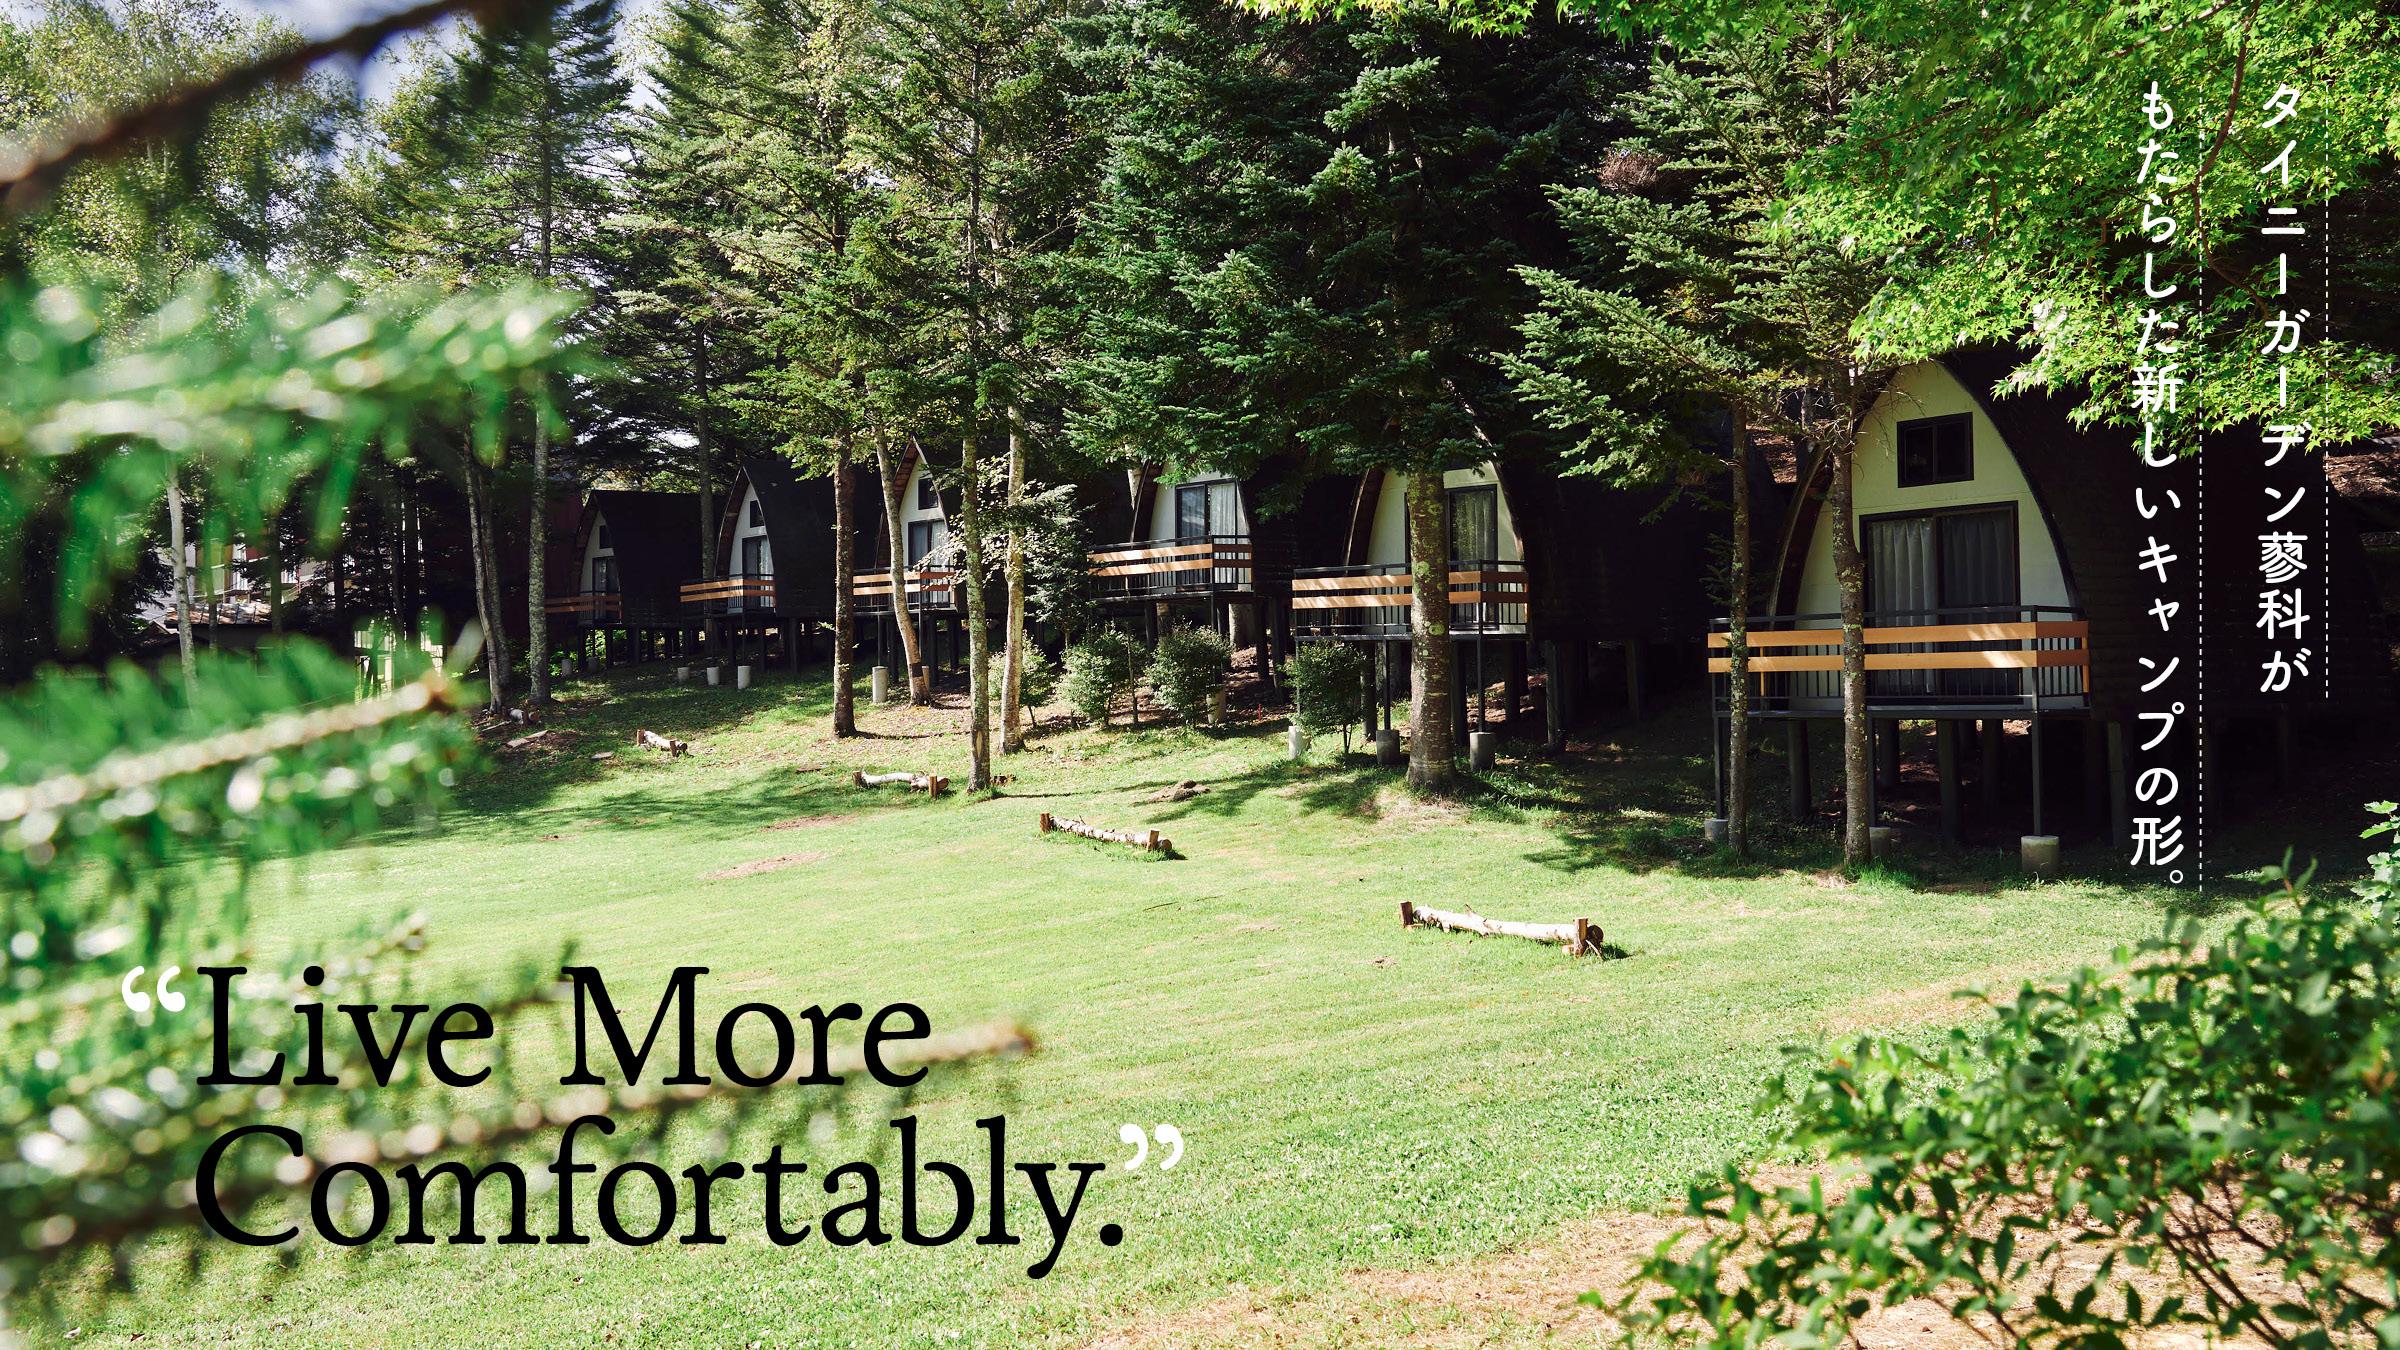 タイニーガーデン蓼科がもたらした新しいキャンプの形。